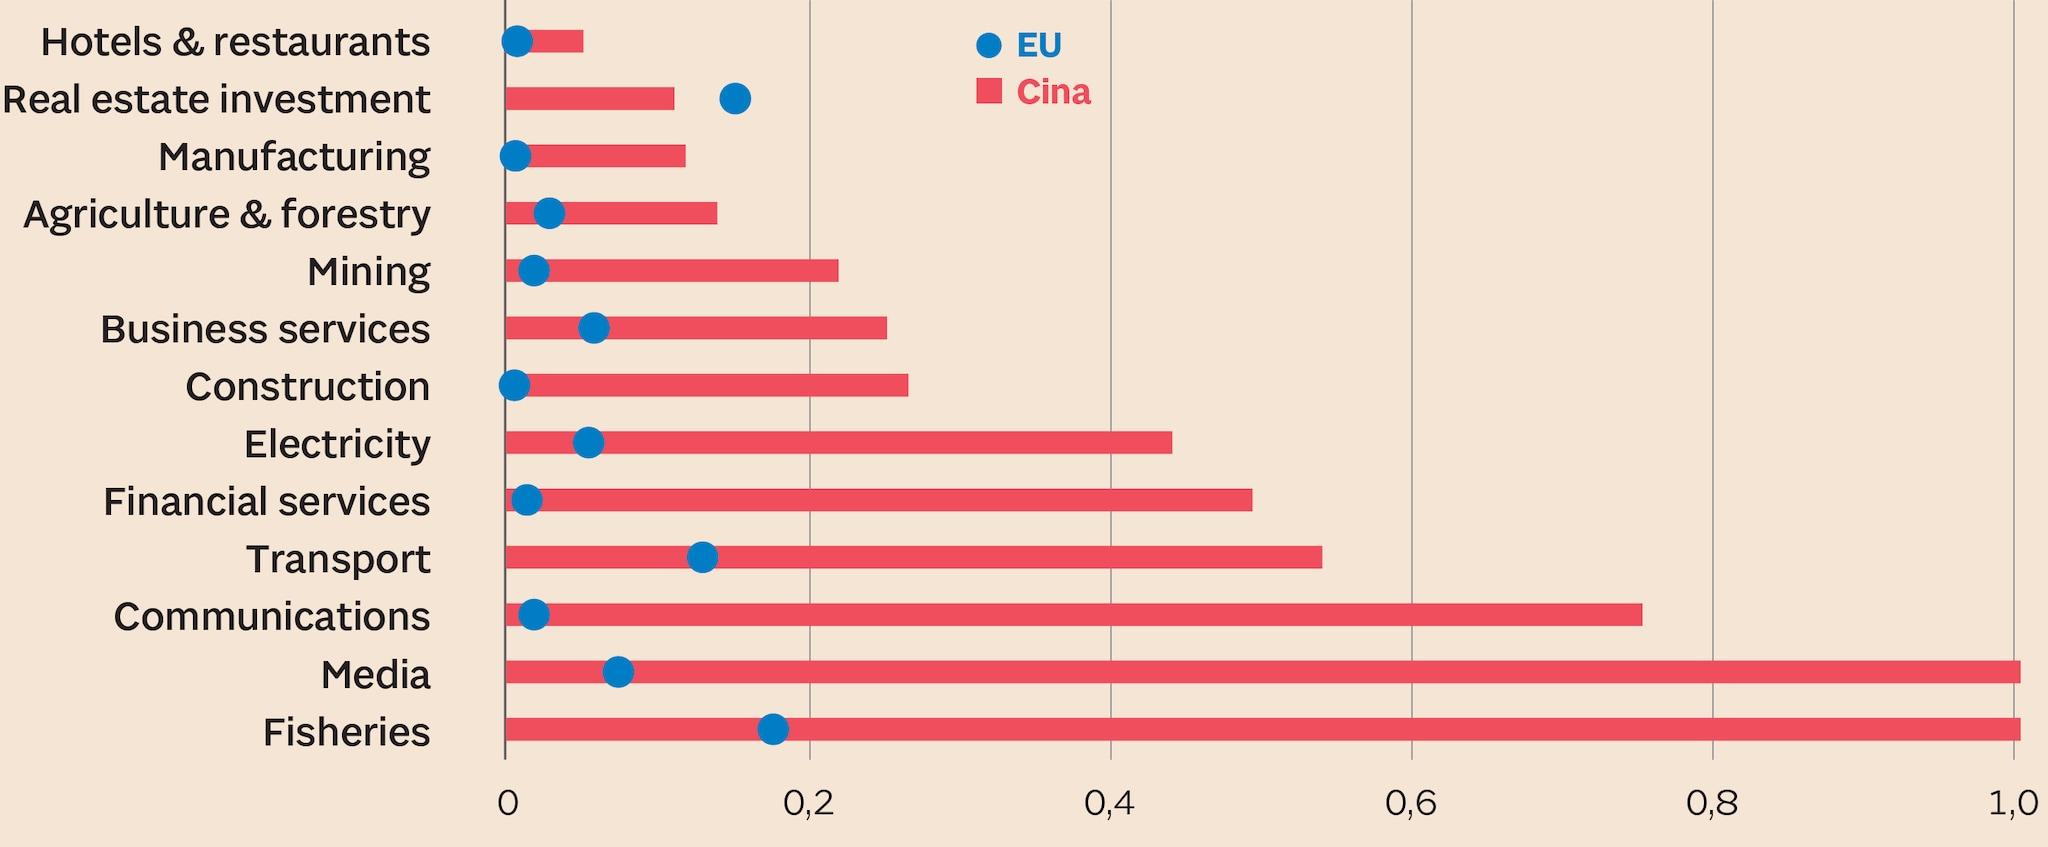 Riduzione degli investimenti esteri più alti in Cina rispetto all'UE in tutti i settori tranne che nell'immobiliare